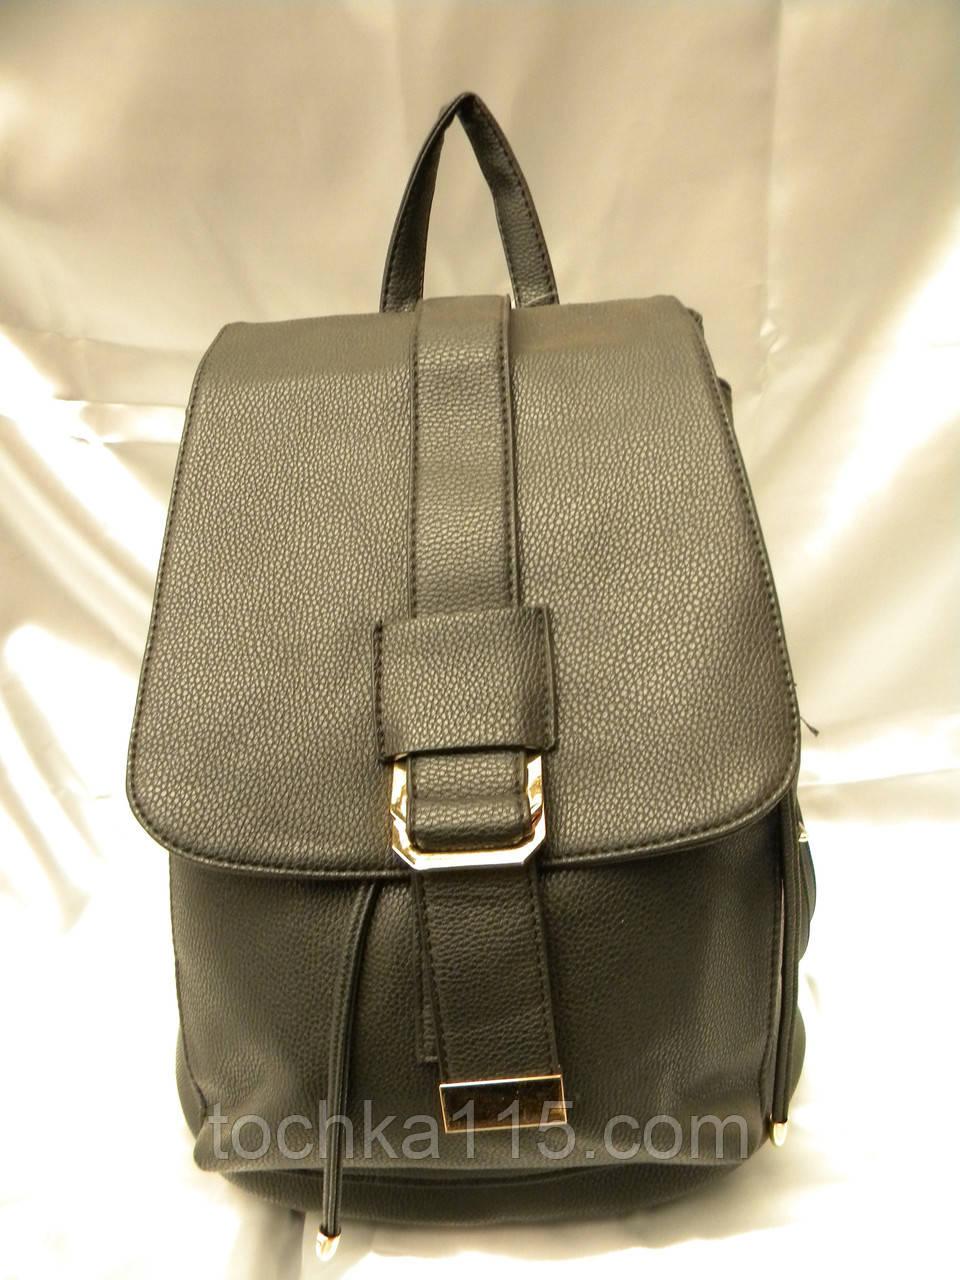 c535131a02dd Стильный женский рюкзак, черный кожаный рюкзак, рюкзак для девочки, ...